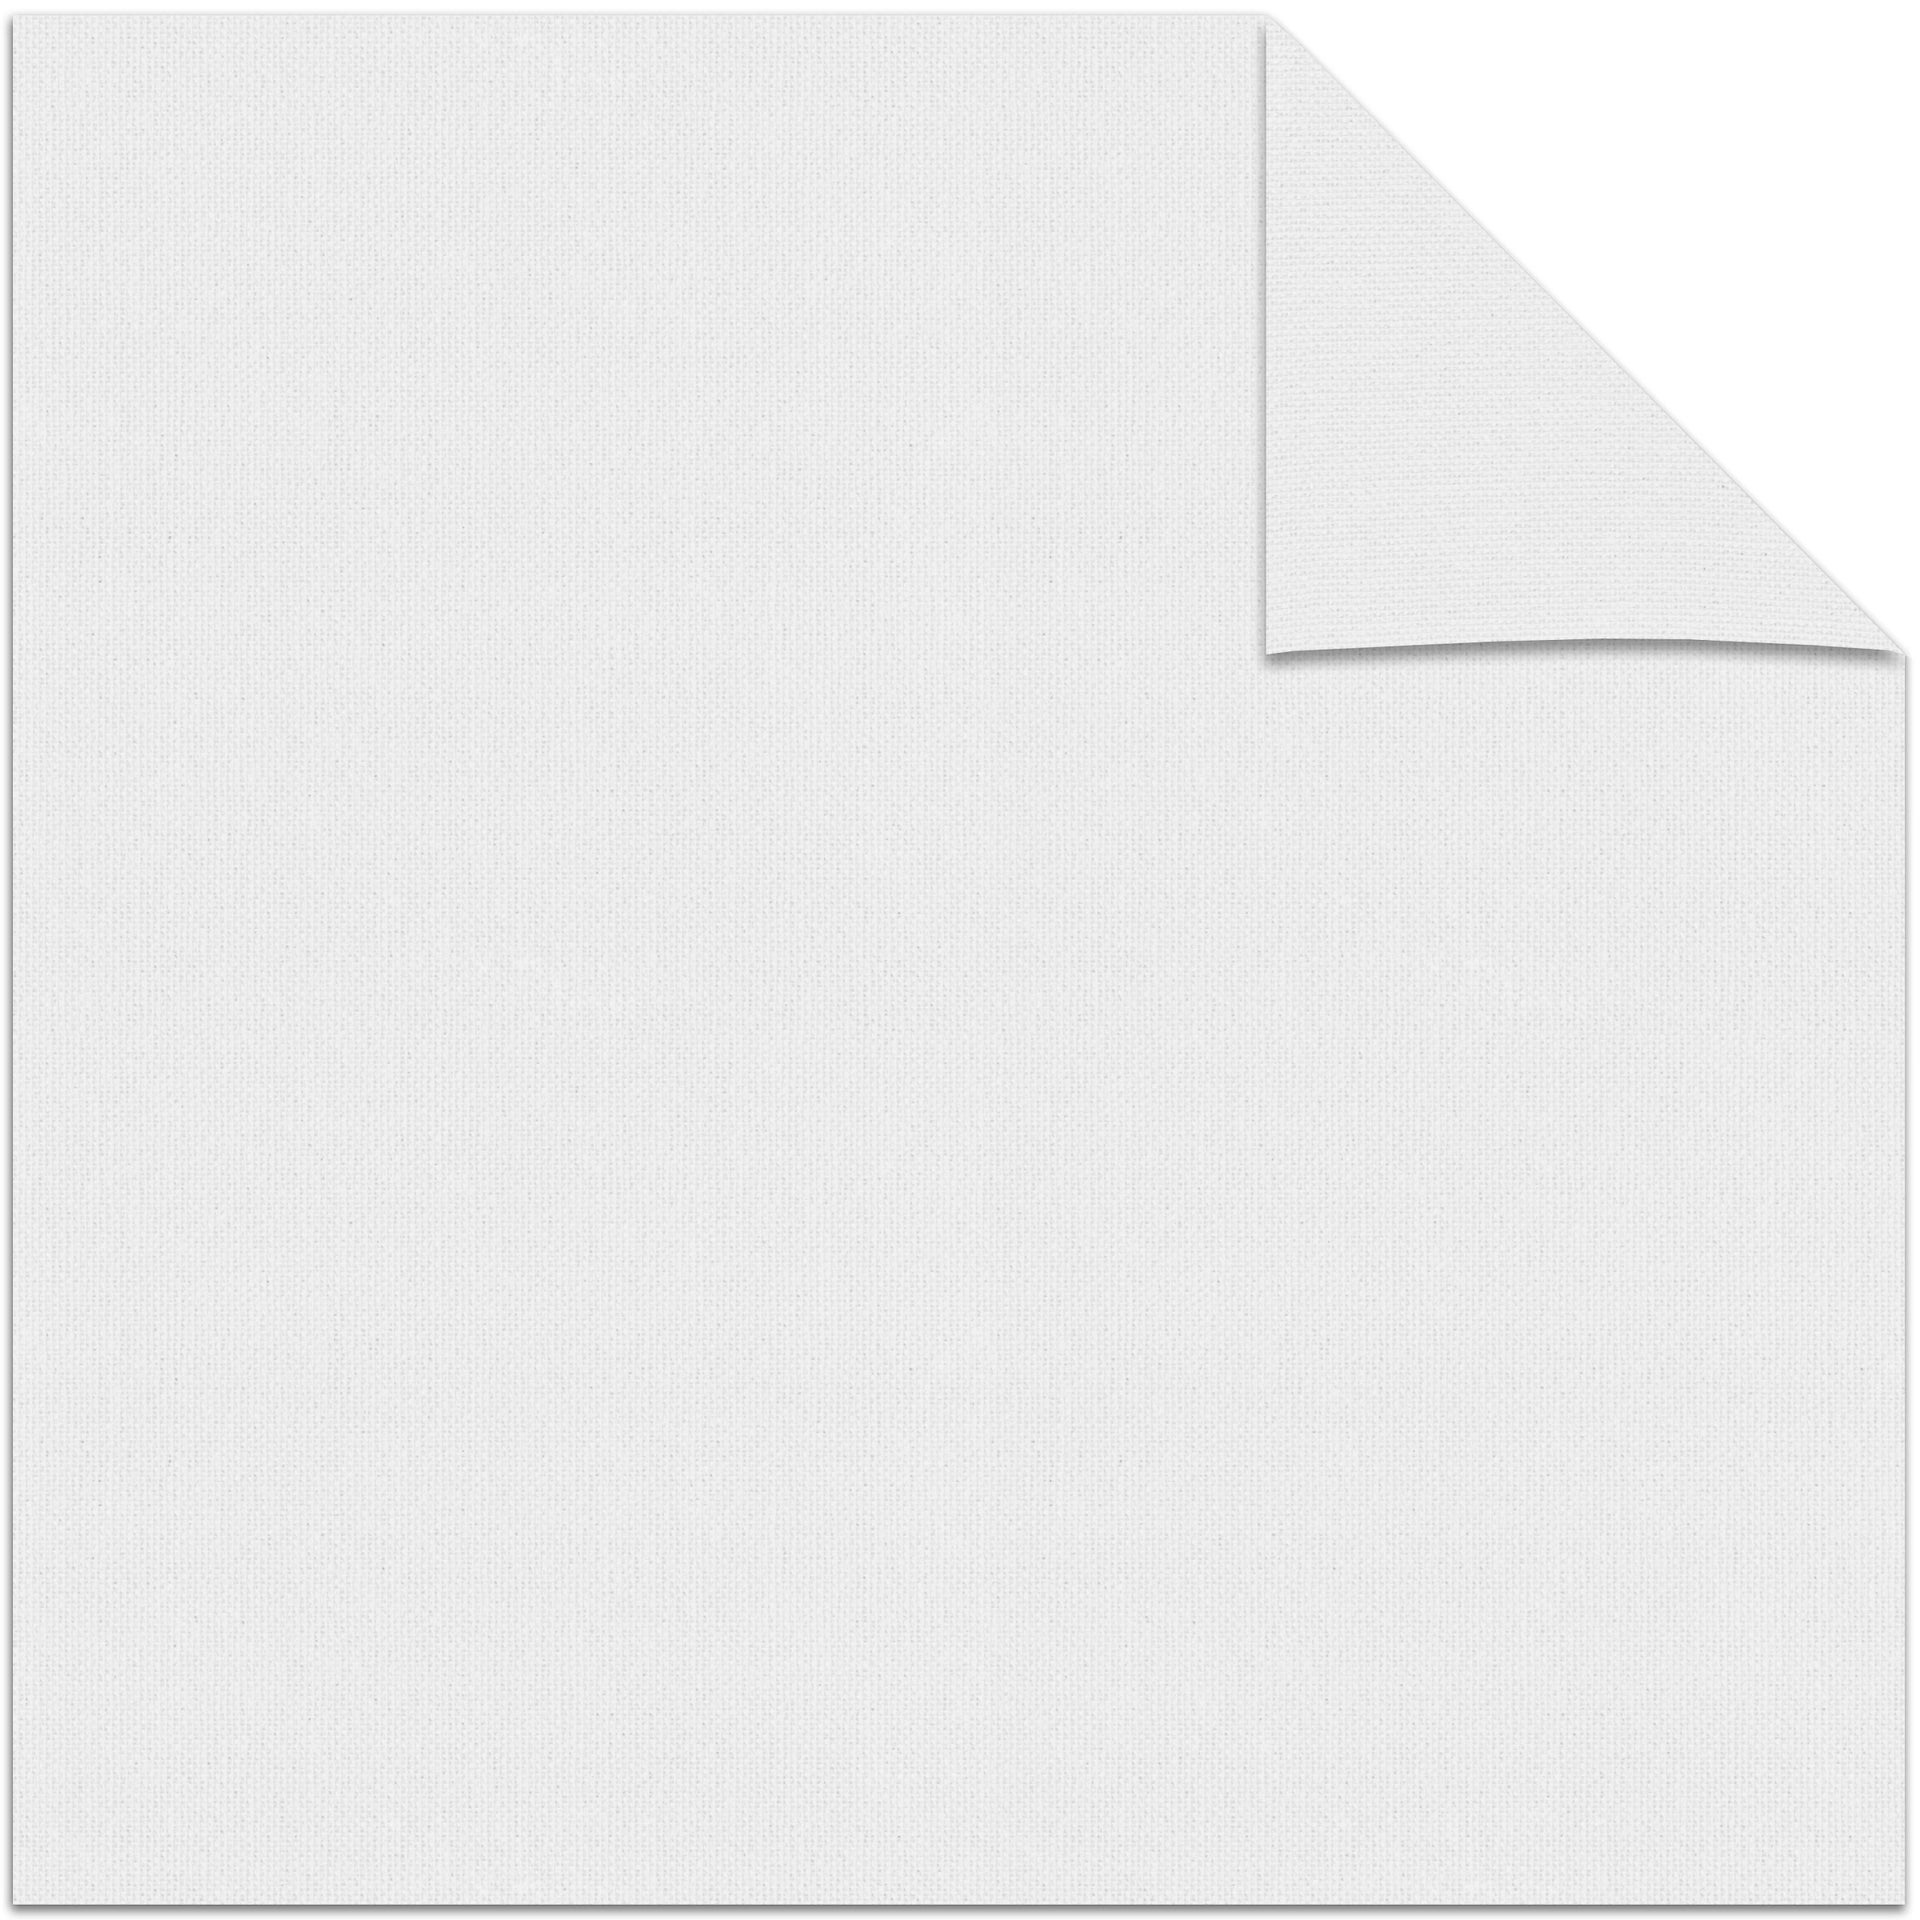 Tenda a rullo filtrante Amsterdam bianco 70 x 160 cm - 4